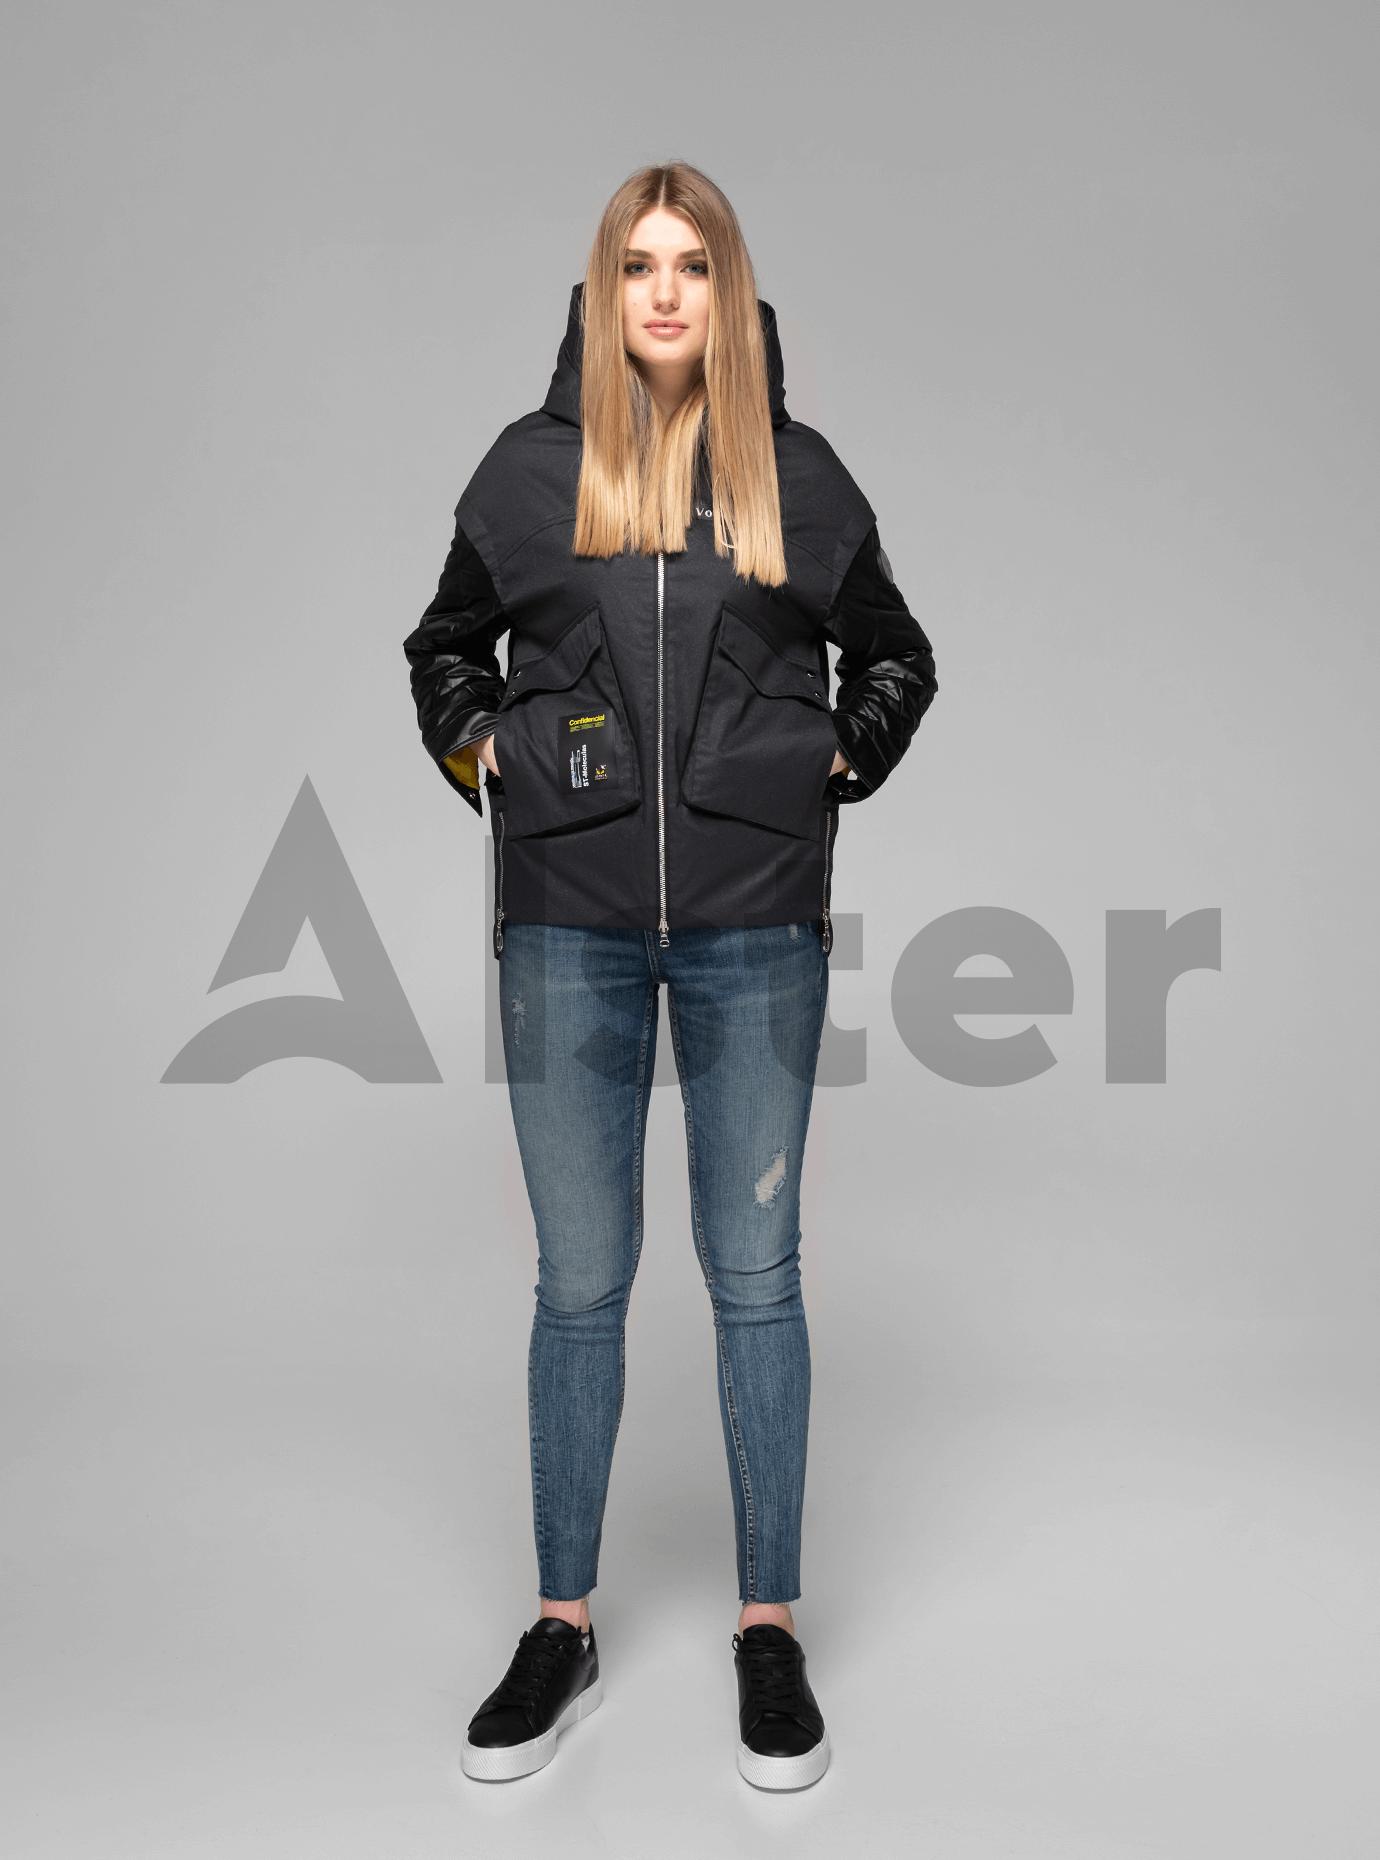 Куртка демисезонная короткая на молнии Чёрный M (02-V191055): фото - Alster.ua